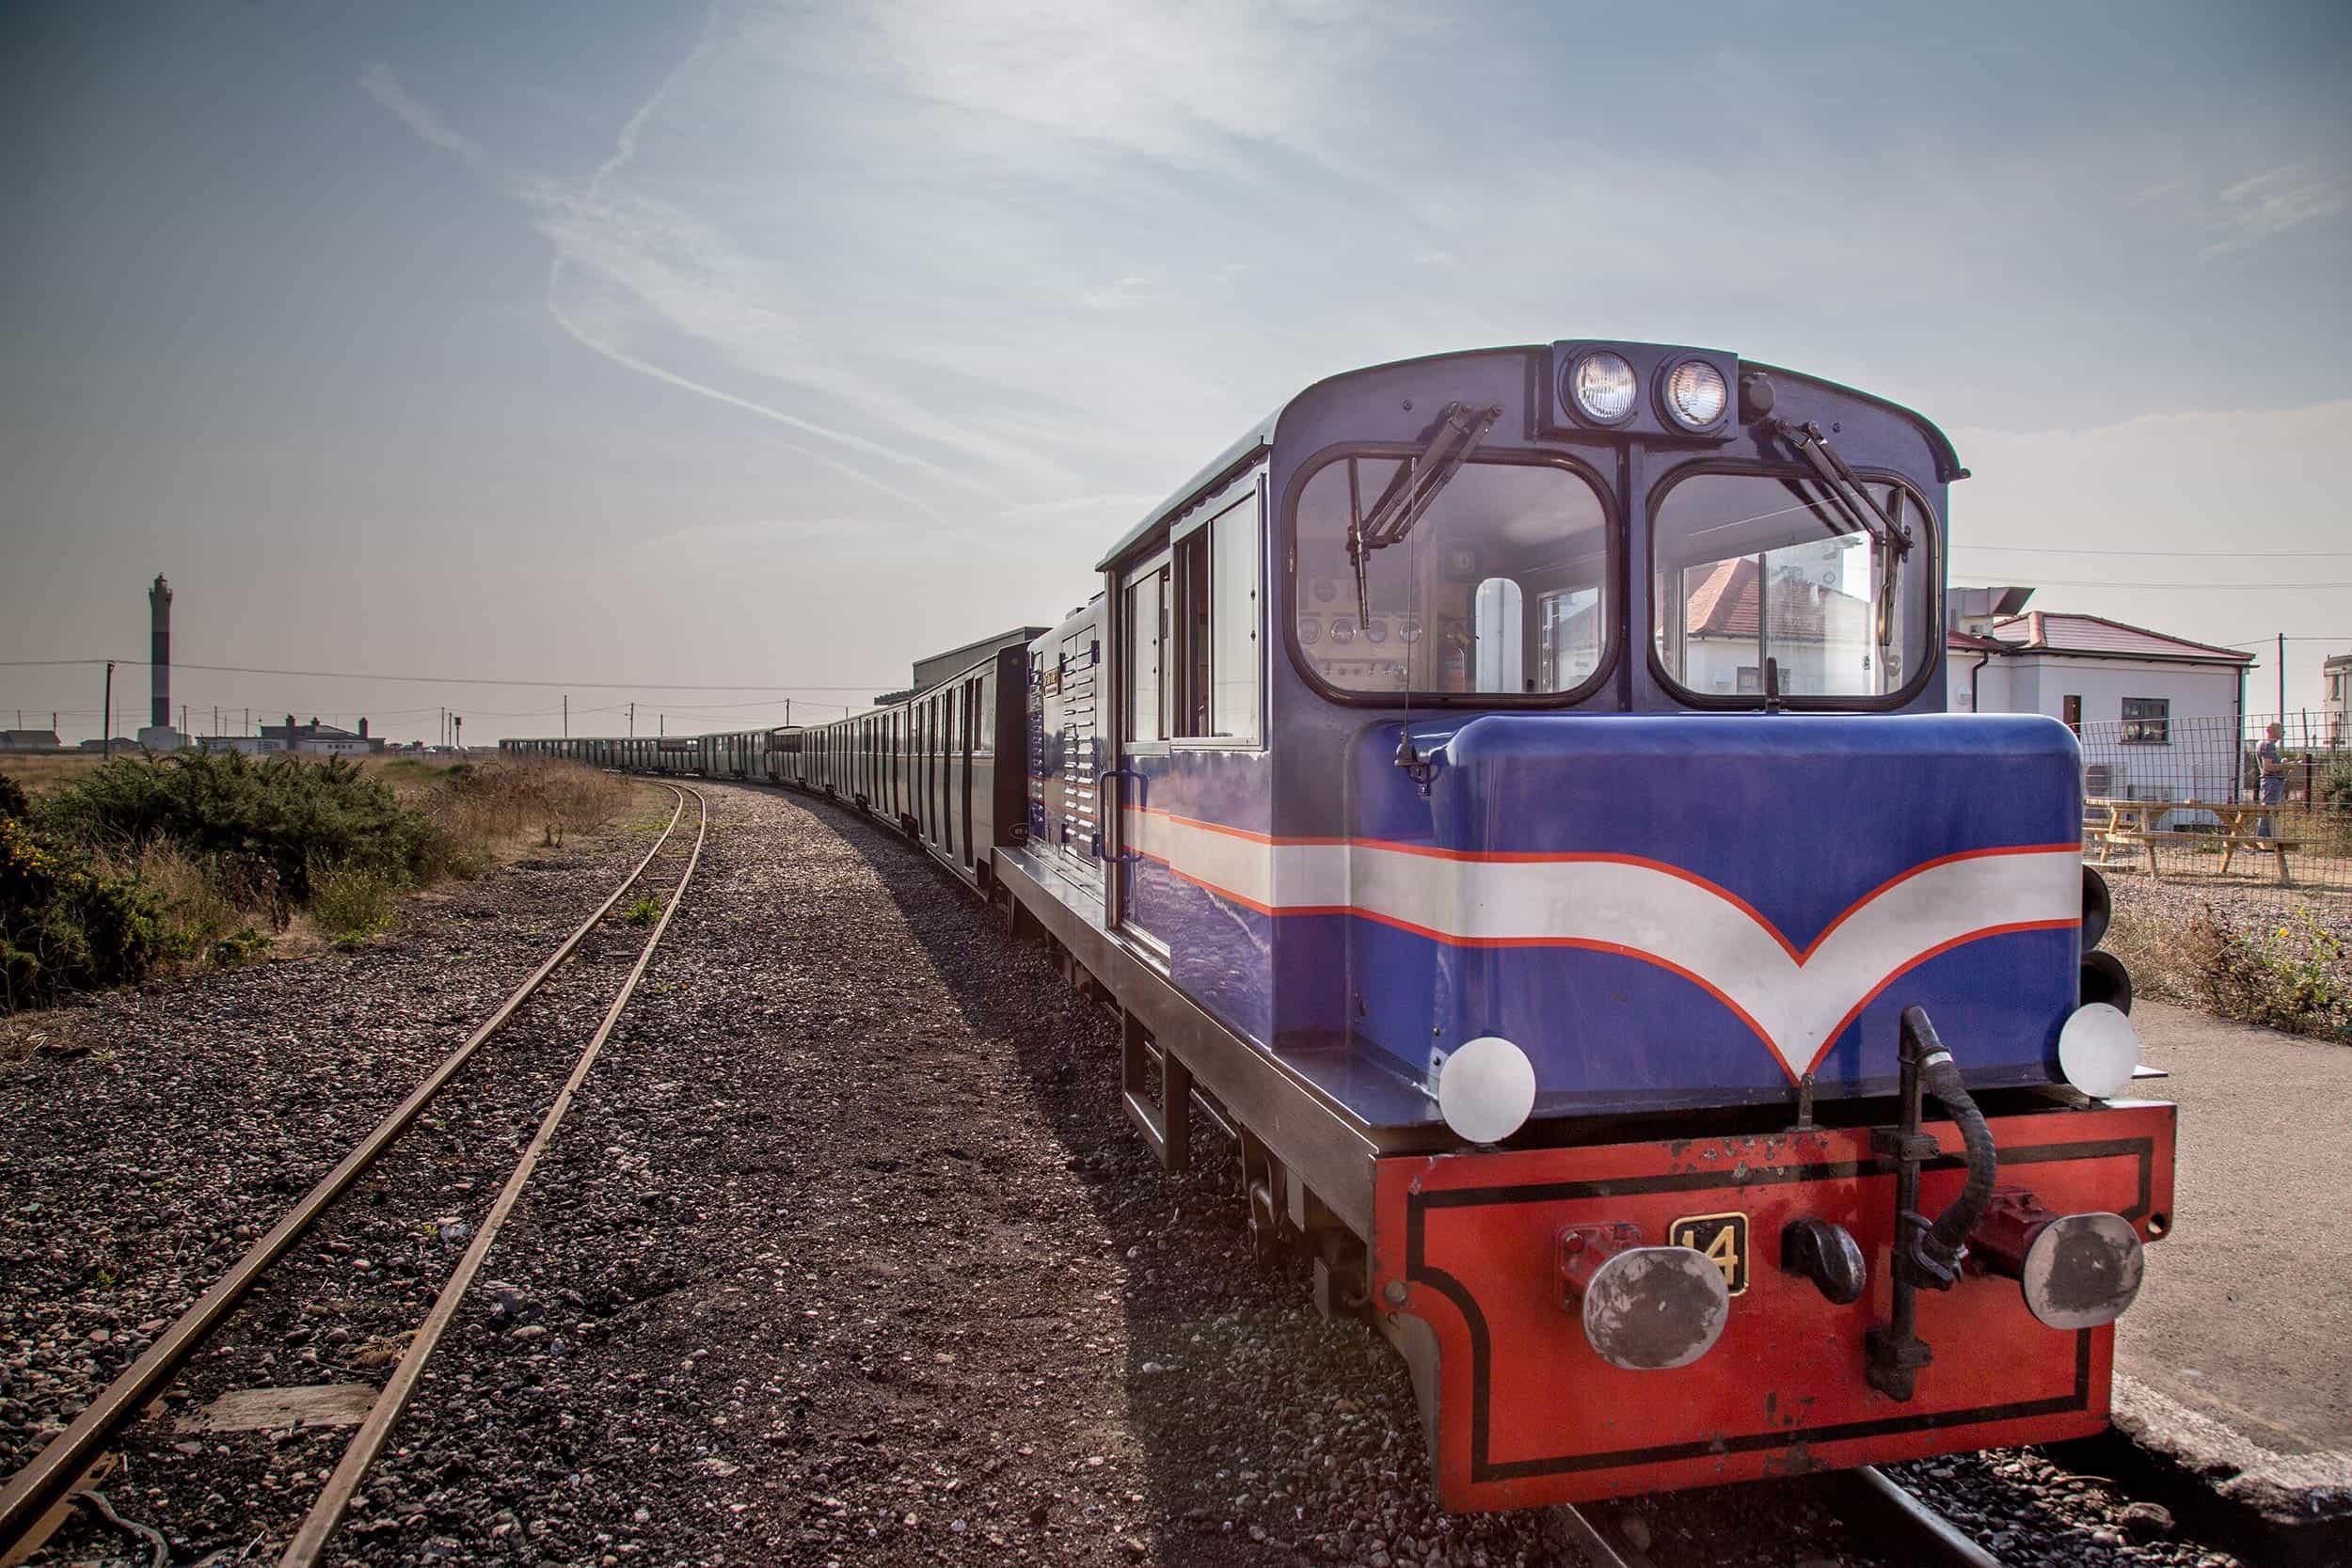 Captain Howey - Romney, Hythe & Dymchurch Railway